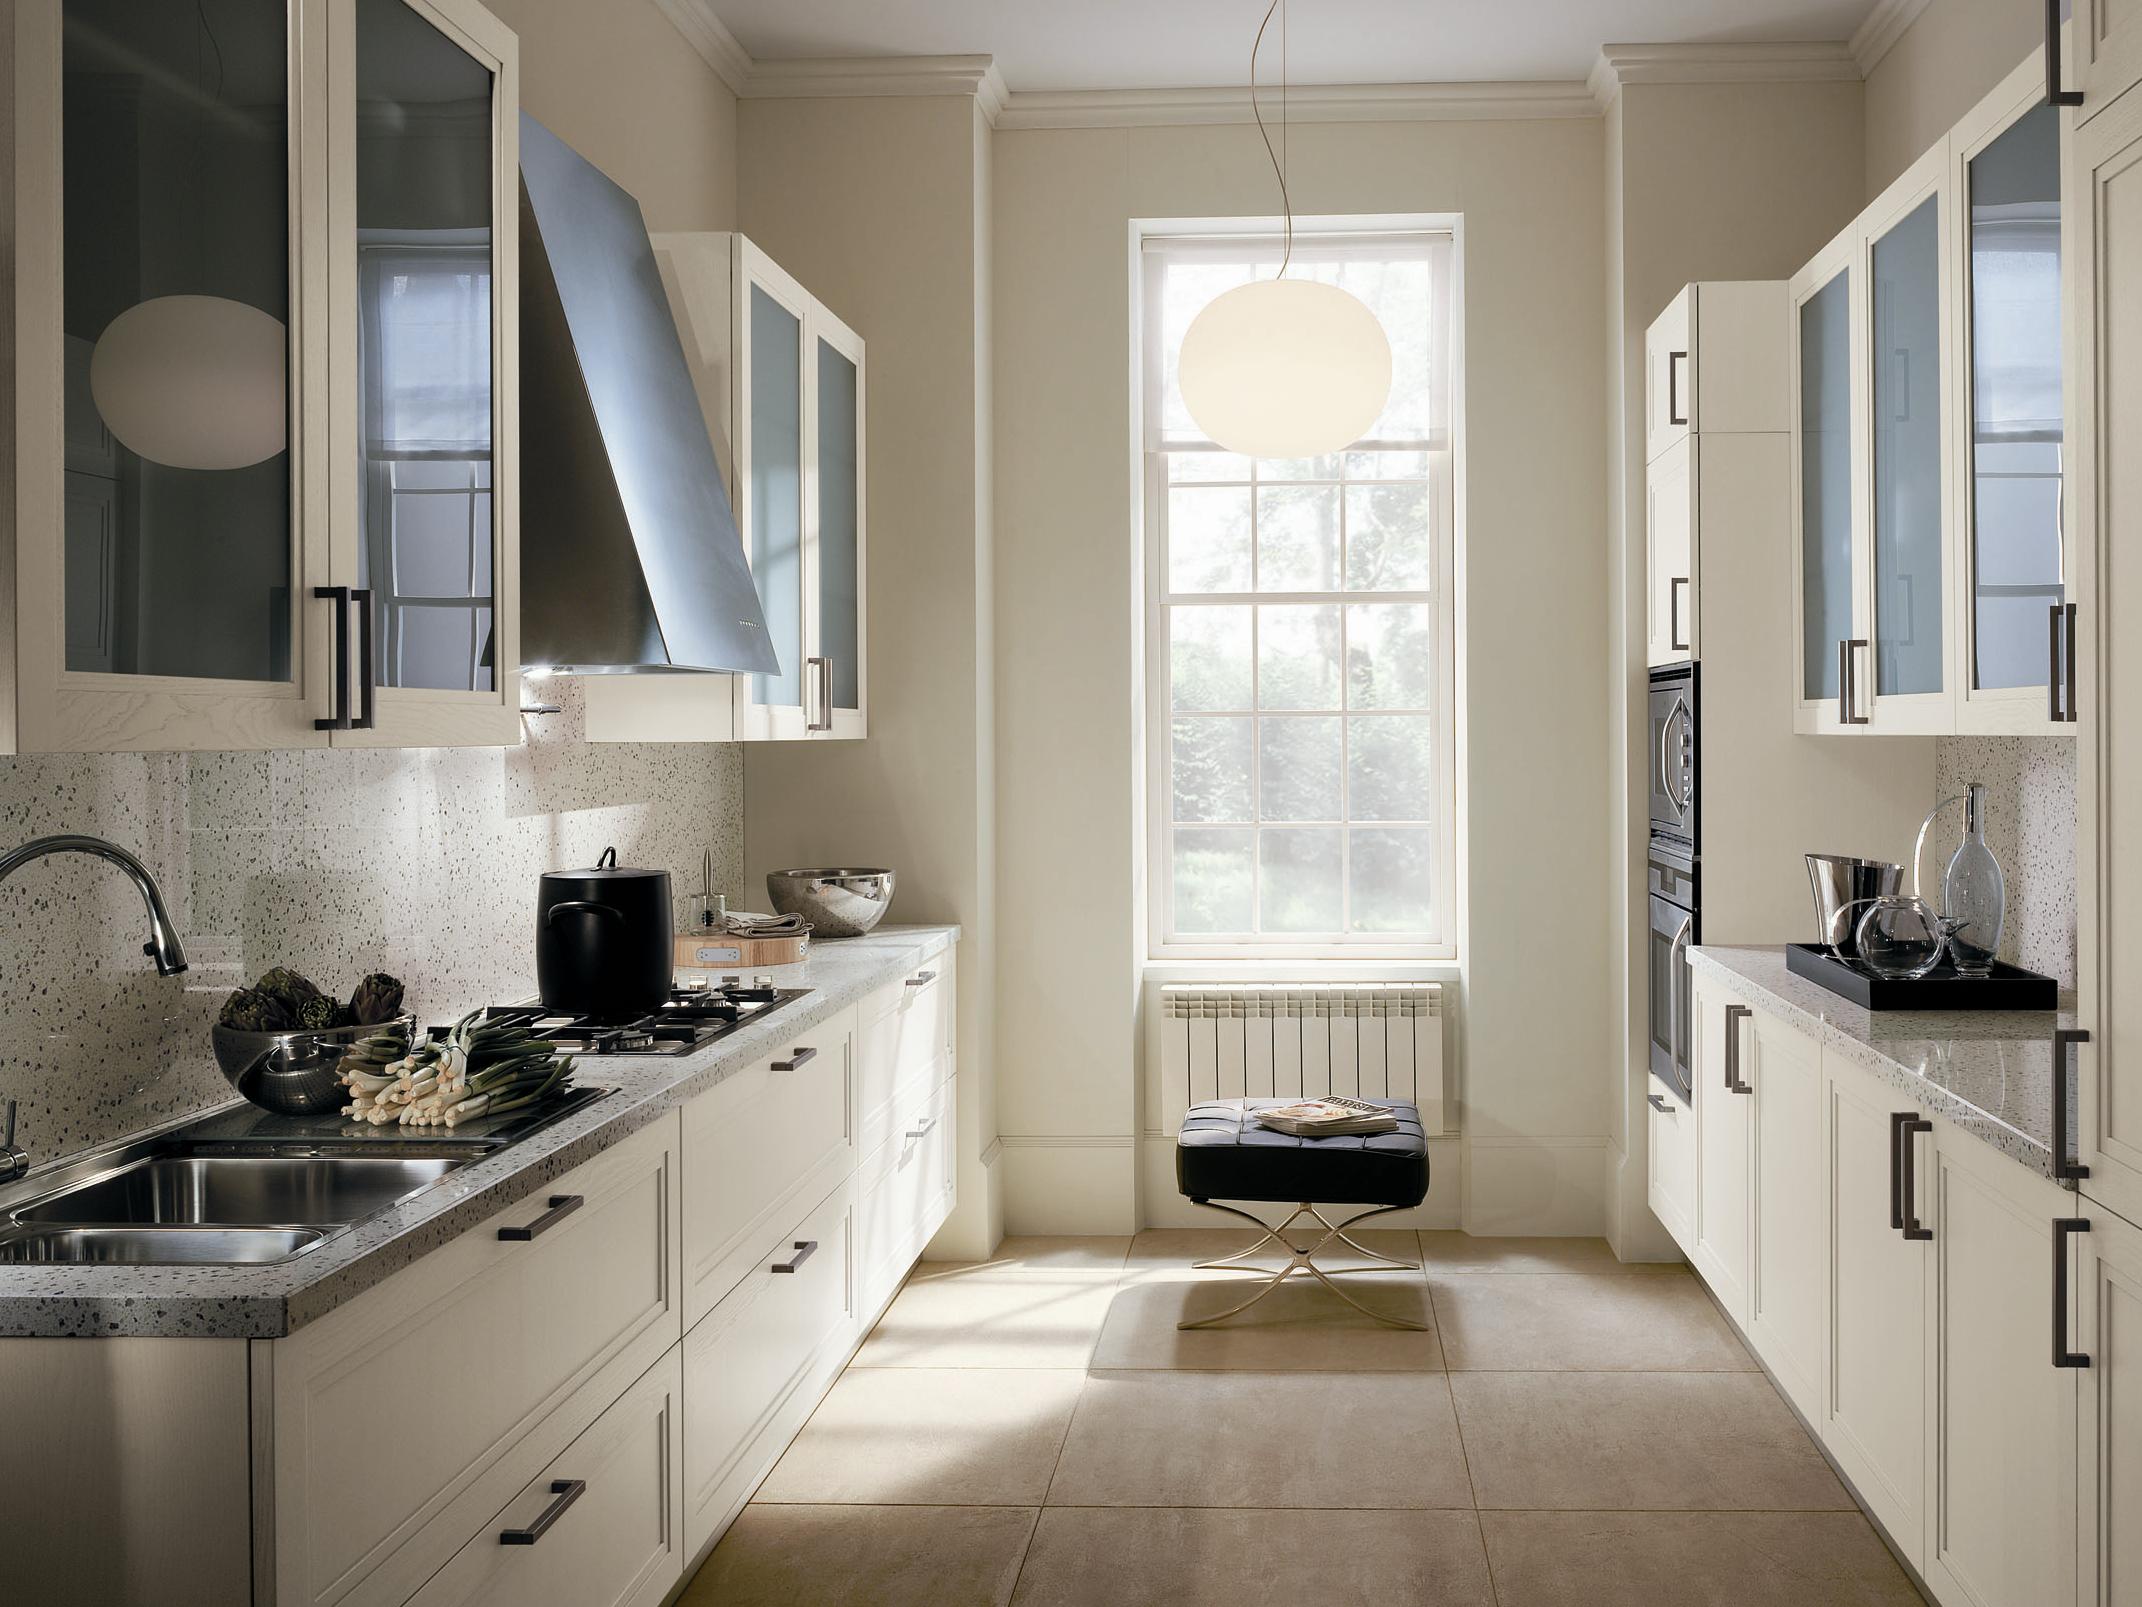 vizon-rengi-mutfak-dolaplari-76